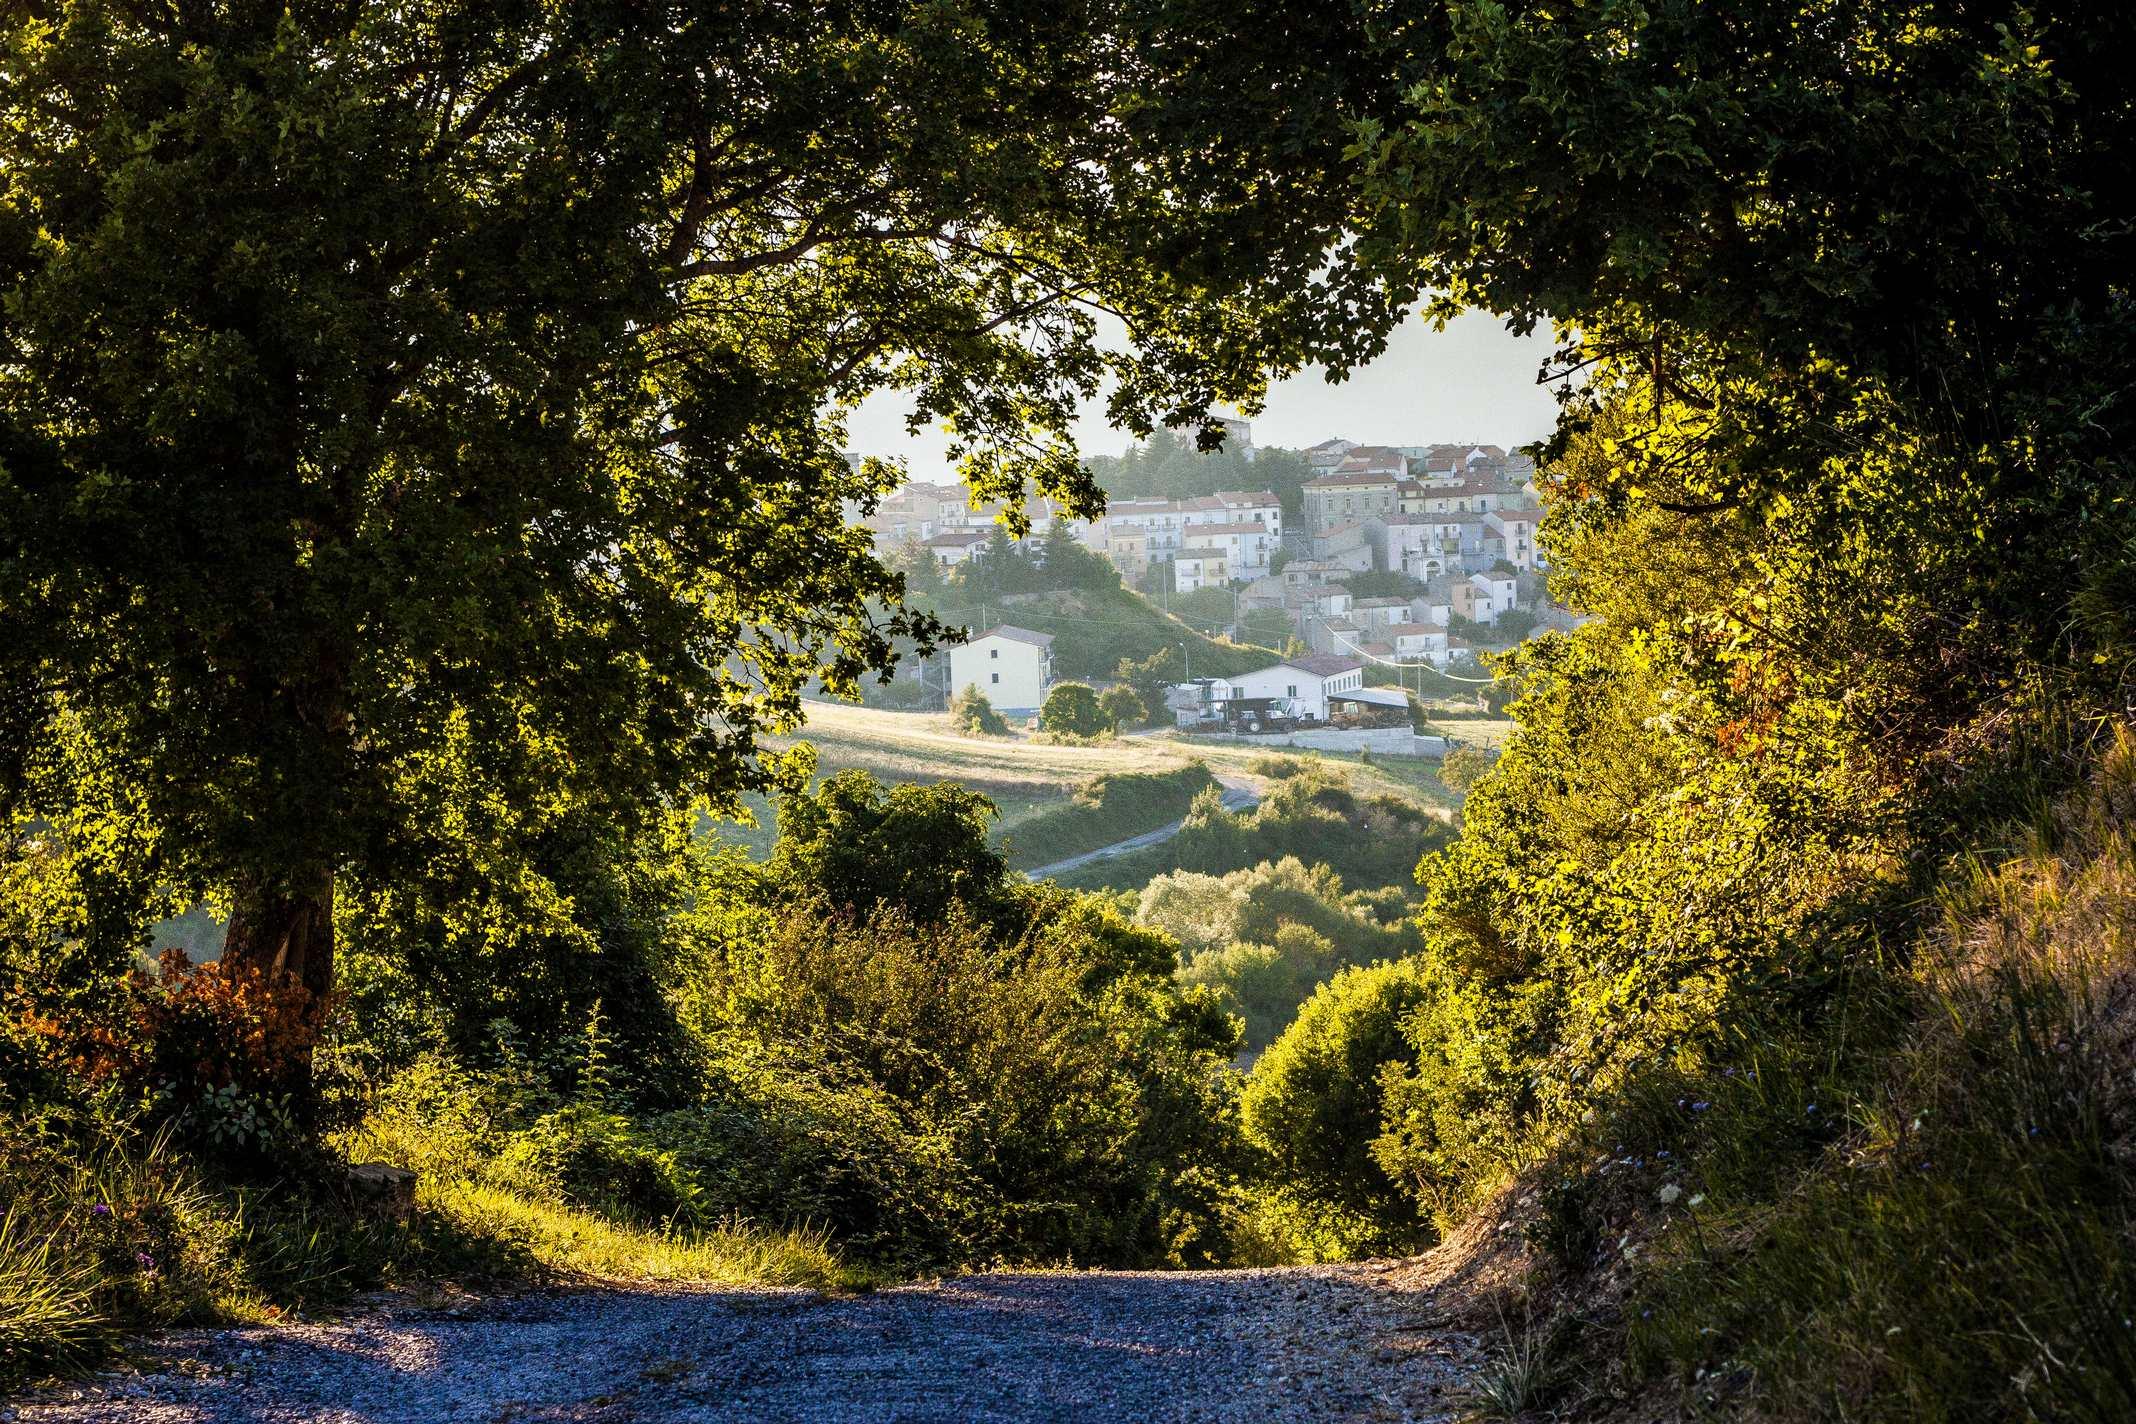 Benvenuti in Abruzzo